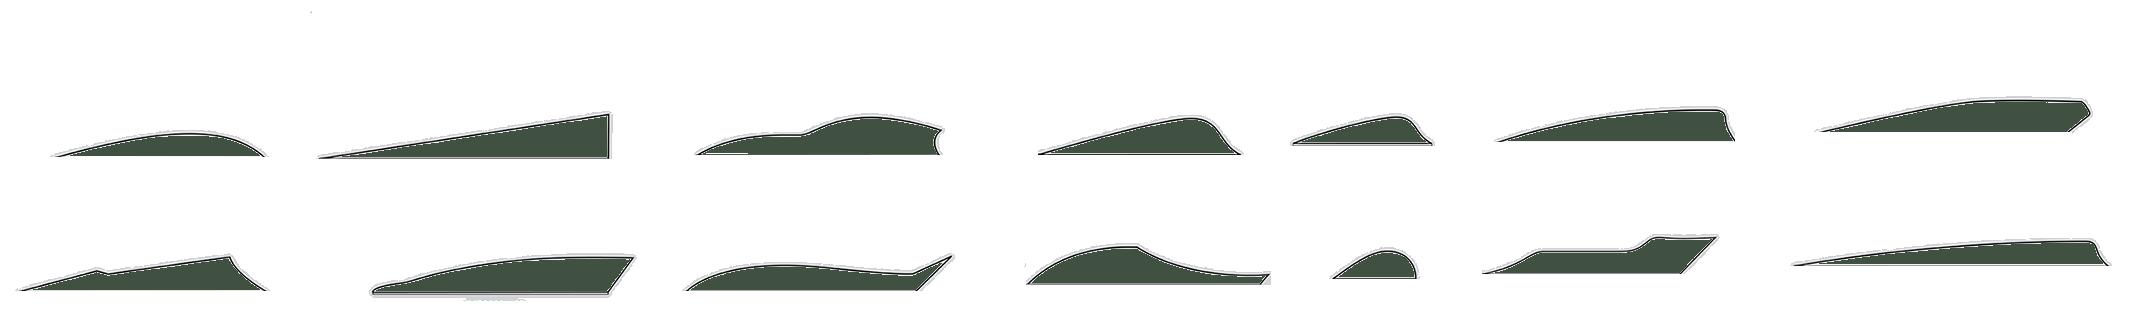 federformen